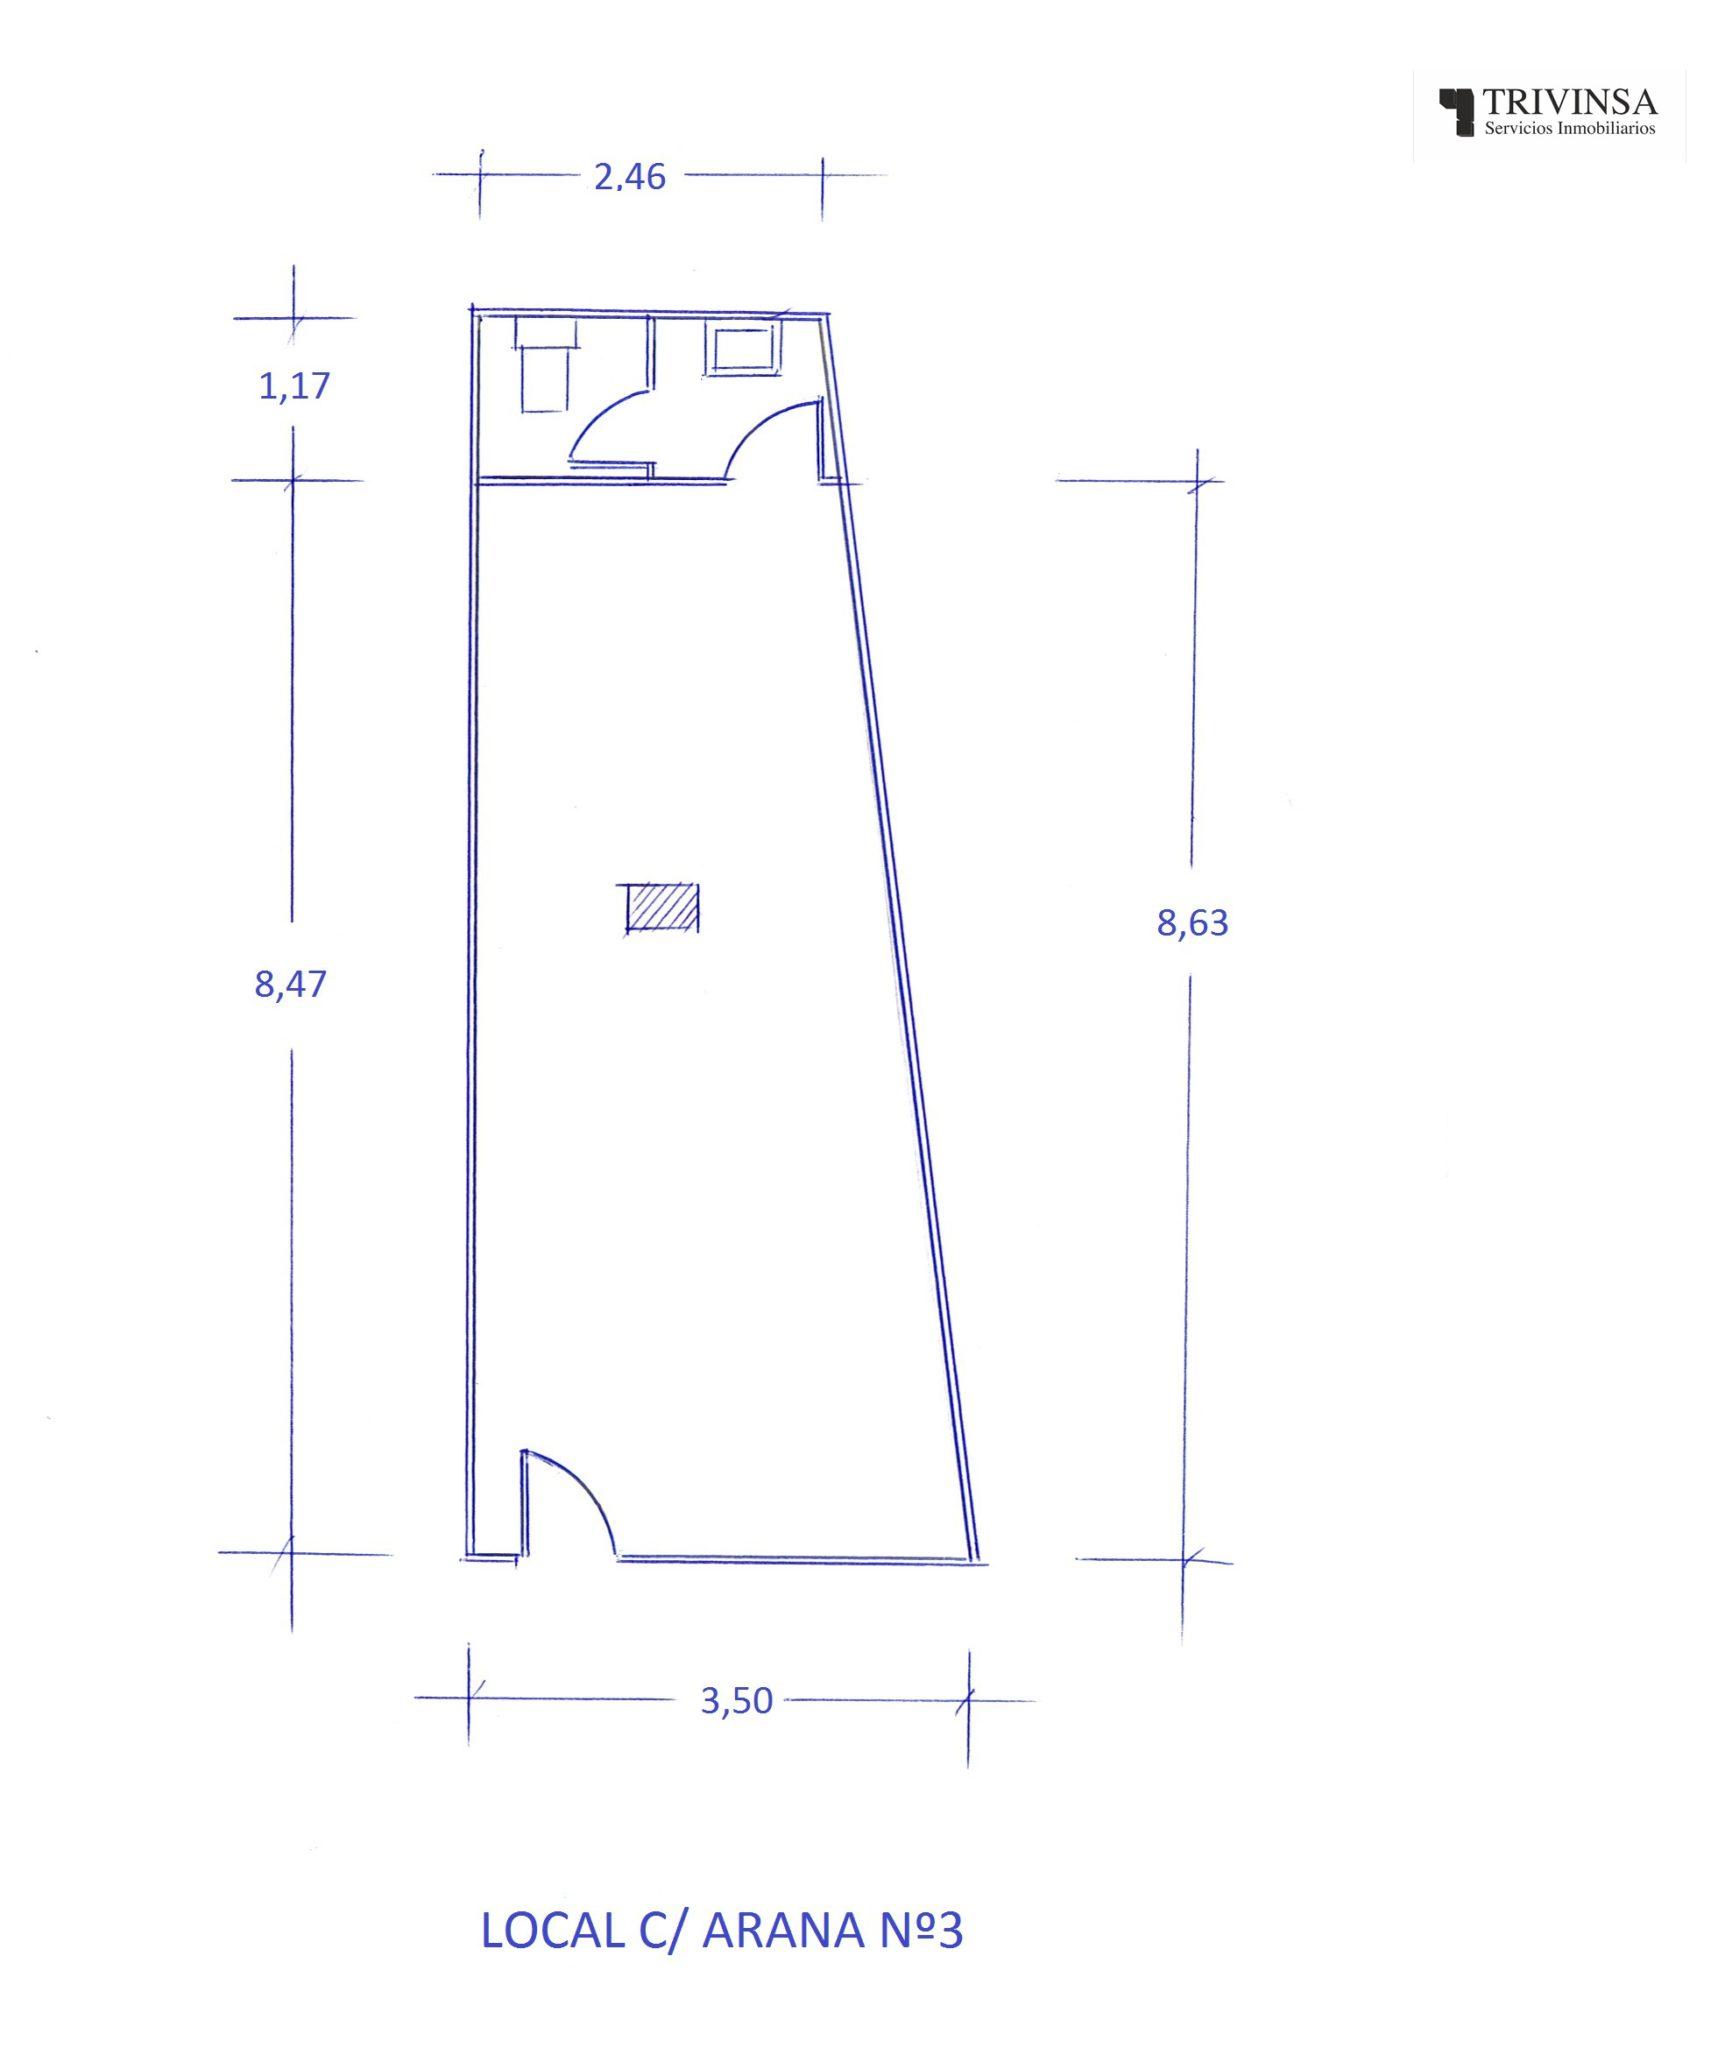 L10892-COTAS-1